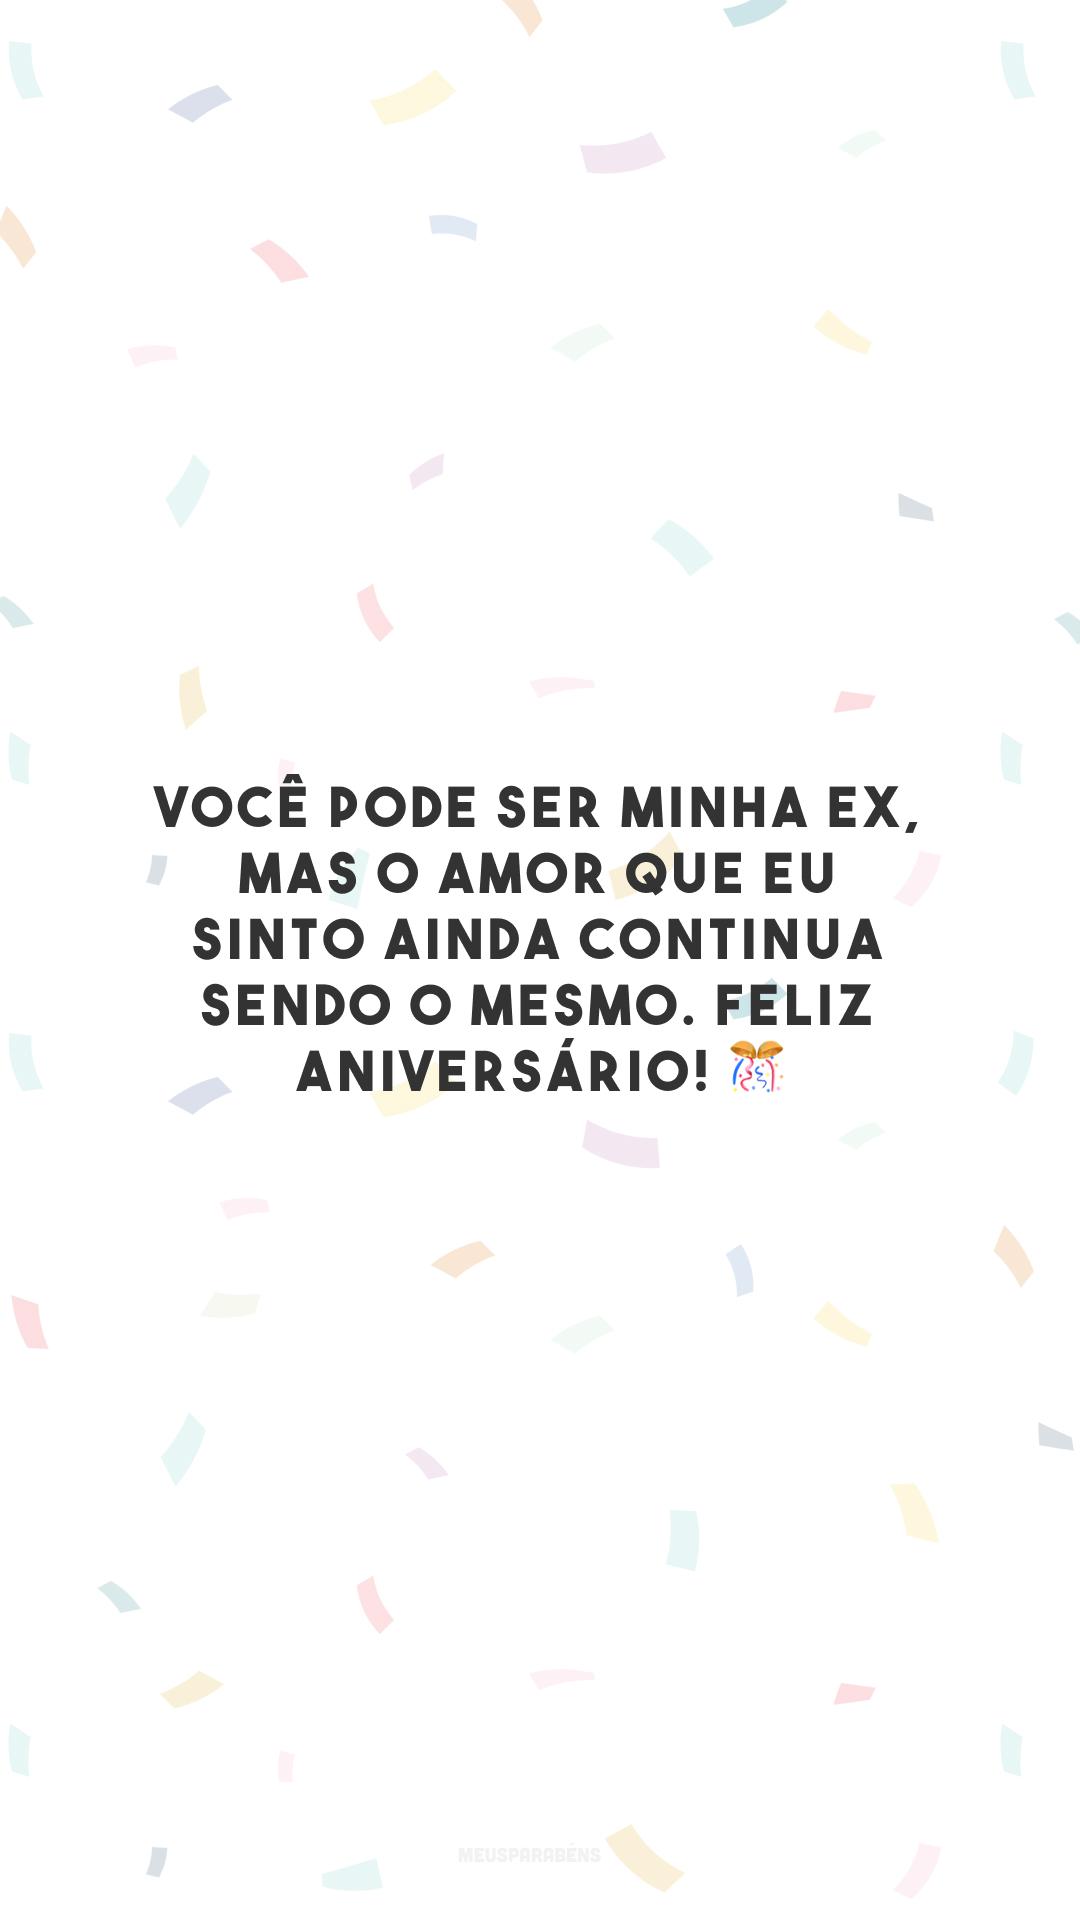 Você pode ser minha ex, mas o amor que eu sinto ainda continua sendo o mesmo. Feliz aniversário! 🎊